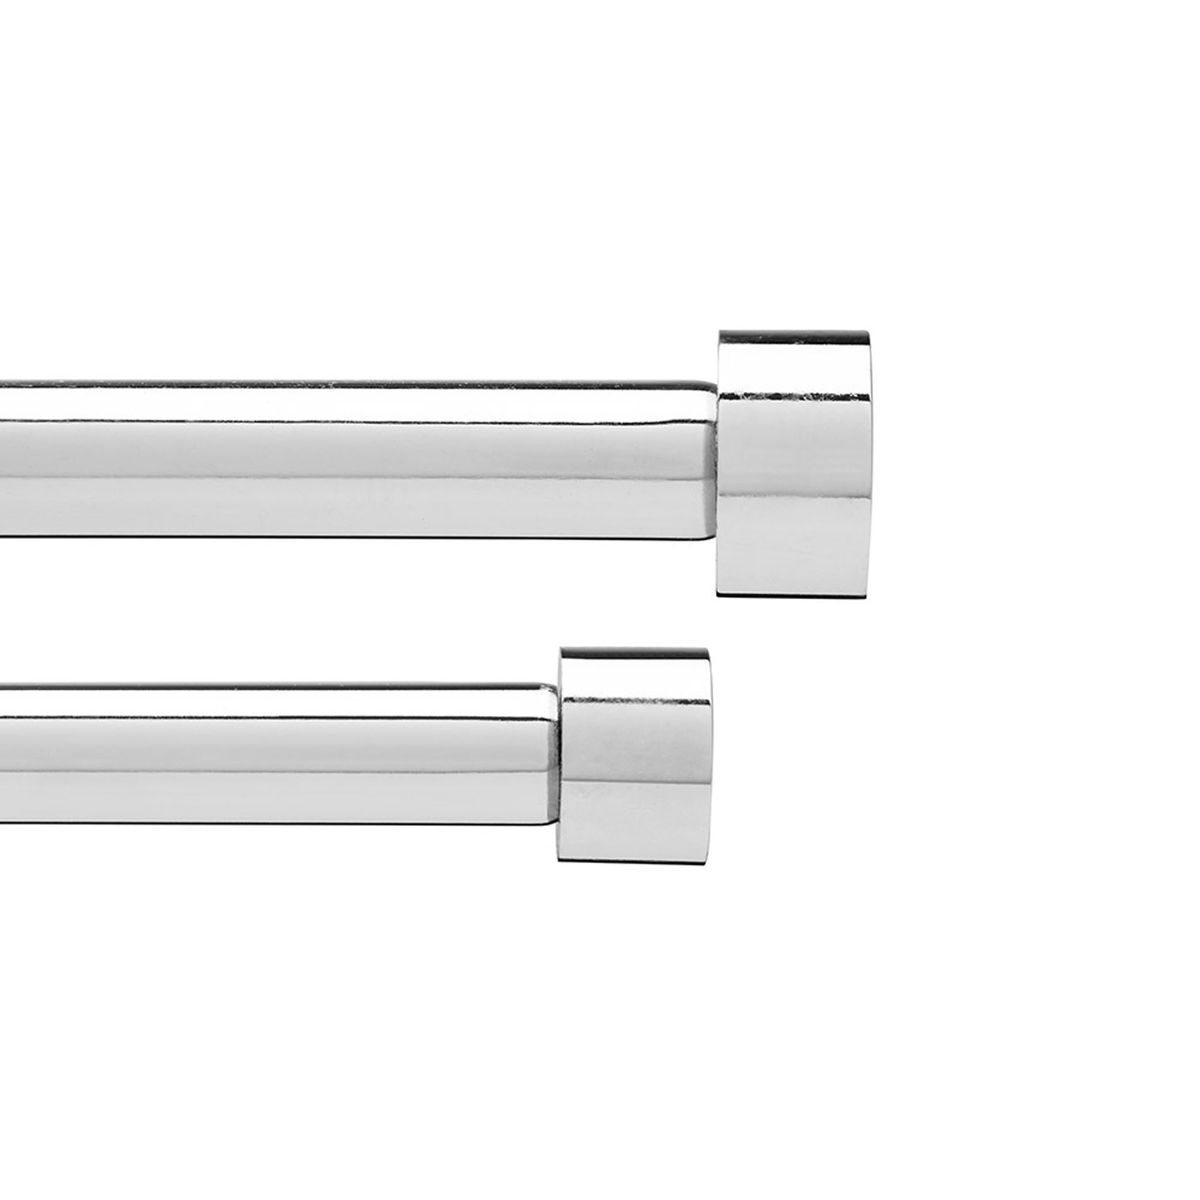 Карниз Umbra двойной Cappa (183-366 см) хром. 245967-158CDF-16Двойной карниз для штор Cappa имеет телескопическую конструкцию, которая позволяет регулировать его длину, и металлические украшения в виде насадок по краям. Диаметр переднего карниза 1,9 см, заднего 1,6 см. Крепления идут в комплекте.